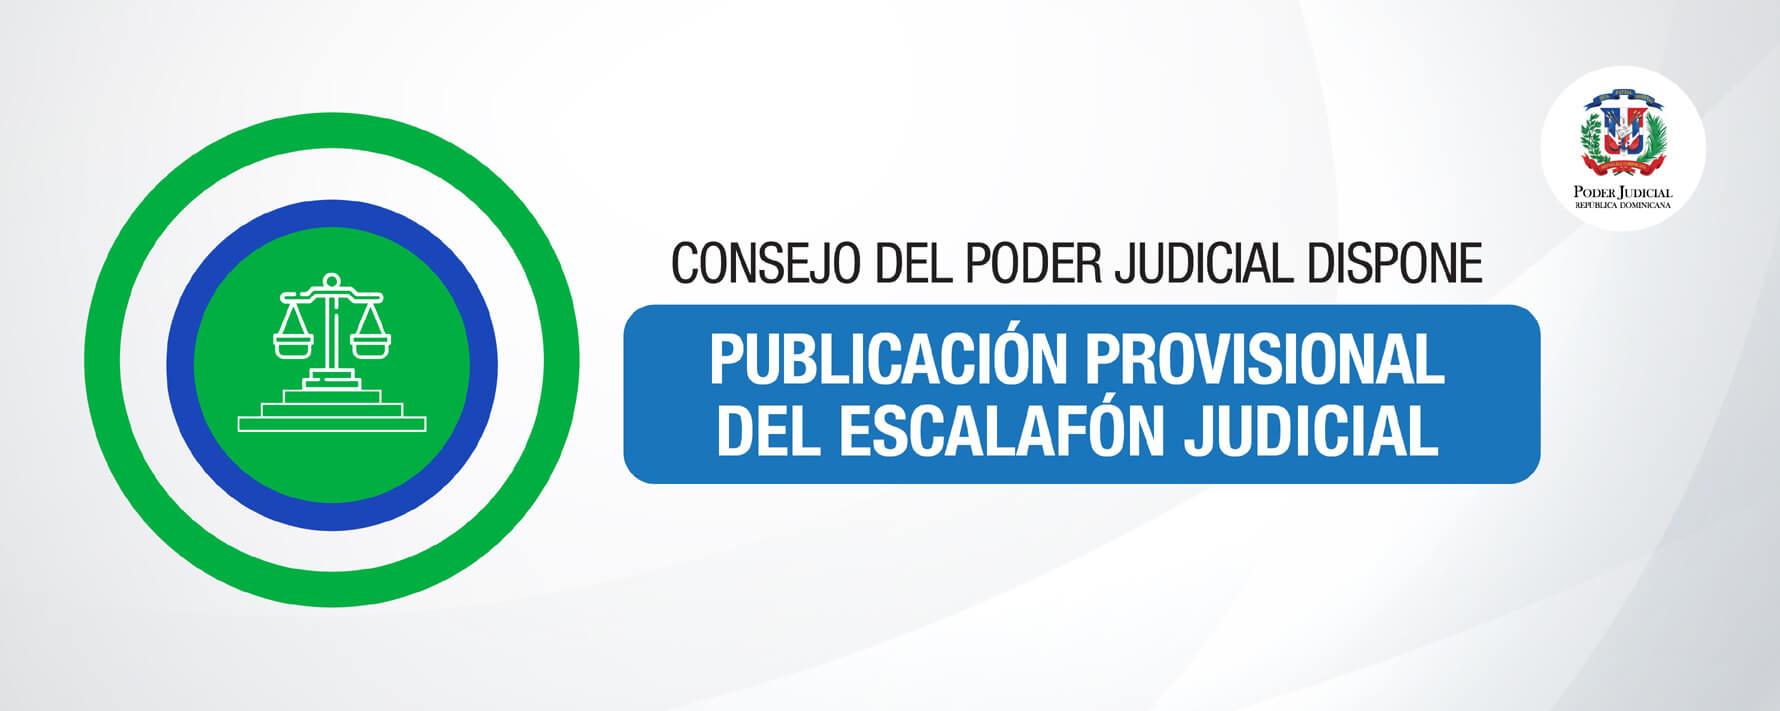 publicacion_provisional_esc